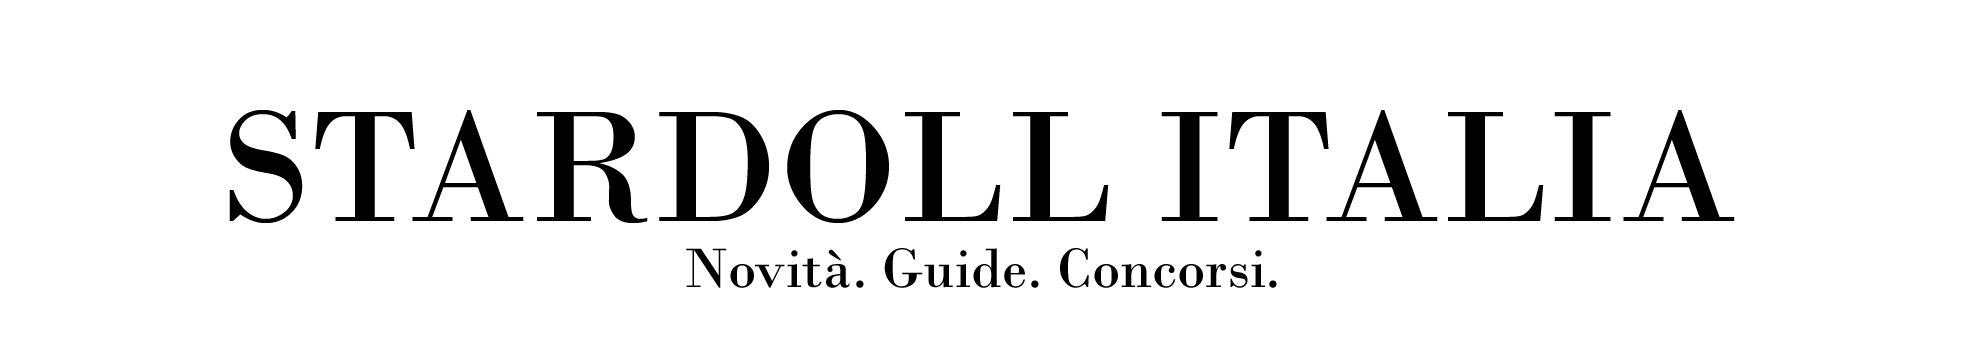 Stardoll Italia